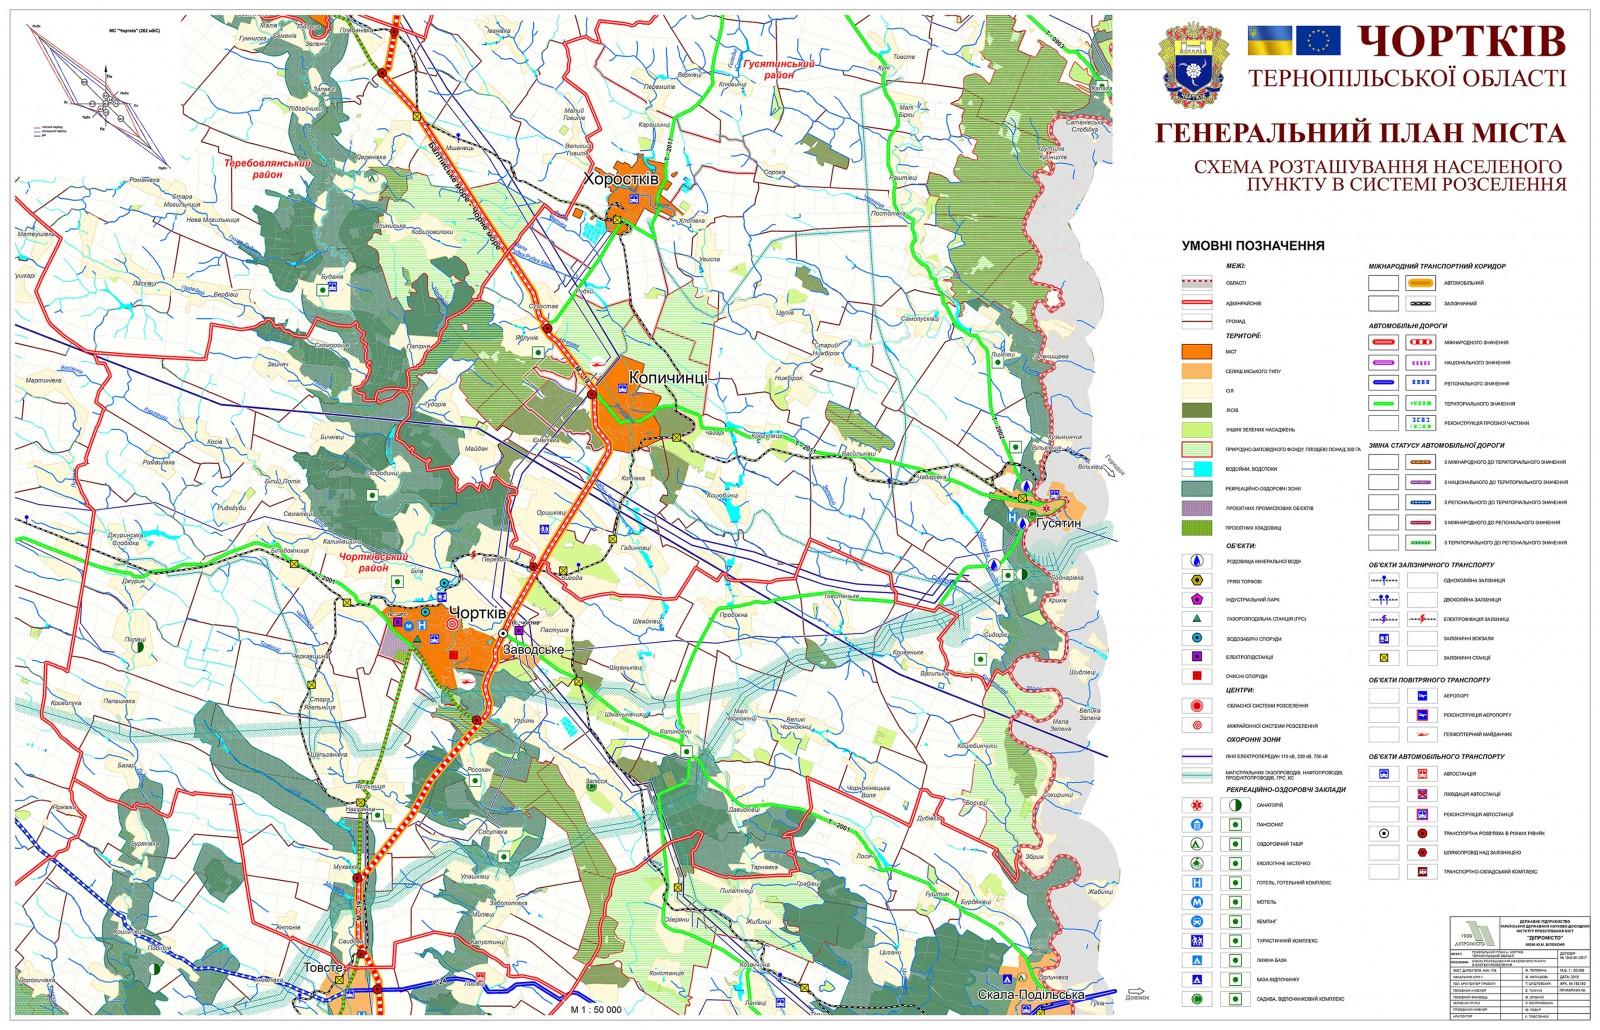 Схема розташування населеного пункту в системі розселення